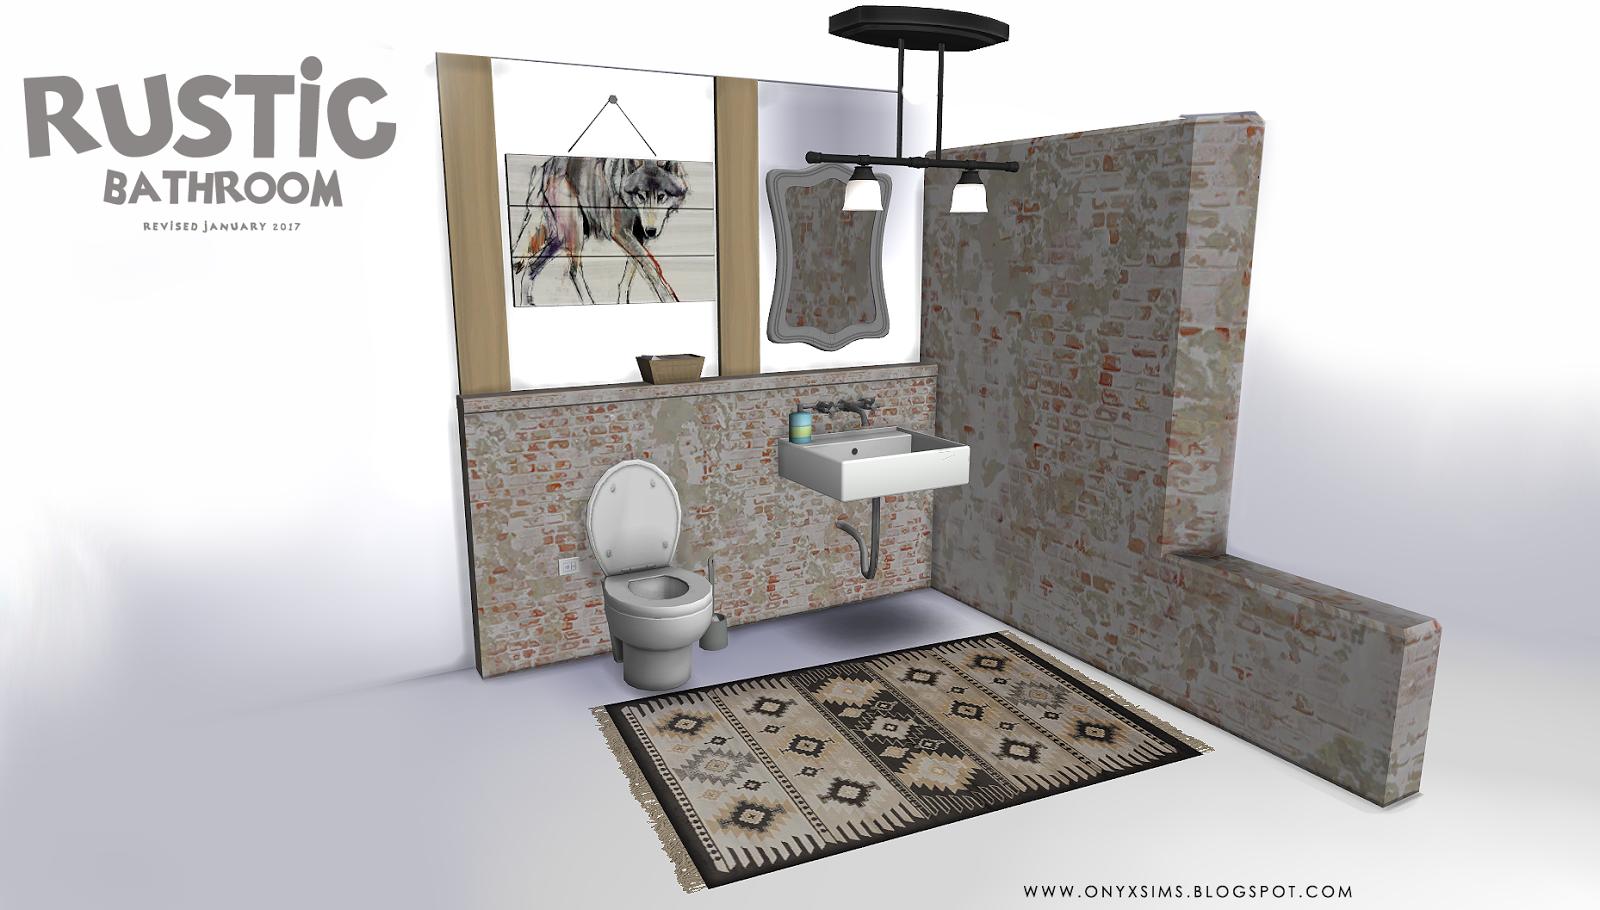 my sims 4 blog updated rustic bathroom set by kiararawks